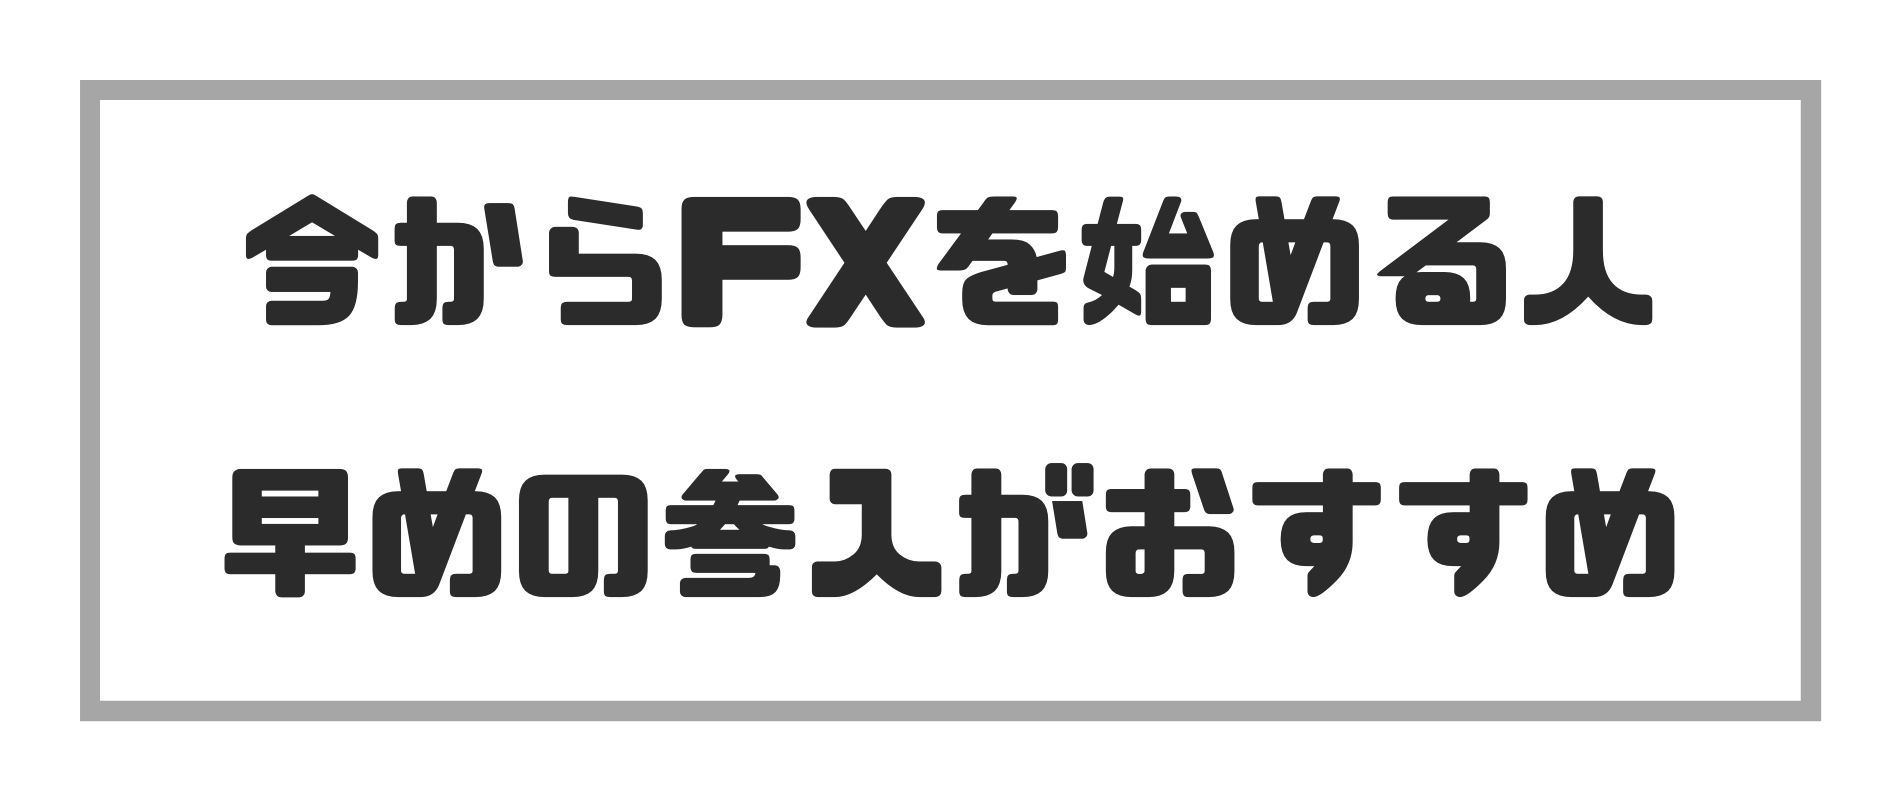 FX儲かる_今からFXを始める人は早めに参入